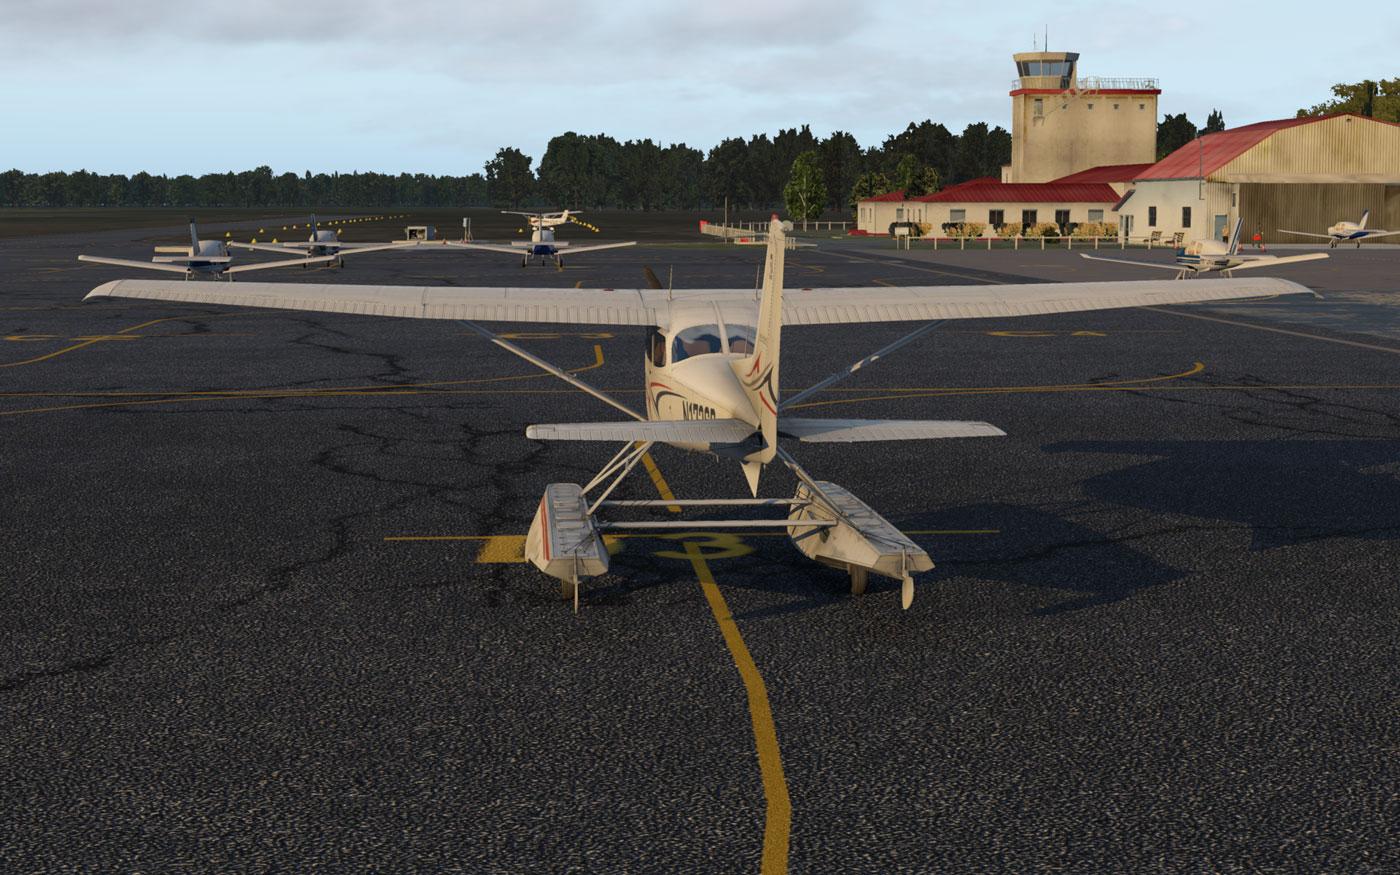 http://www.easy-upload.net/fichiers/Cessna_172SP_seaplane_122.20181222105122.jpg